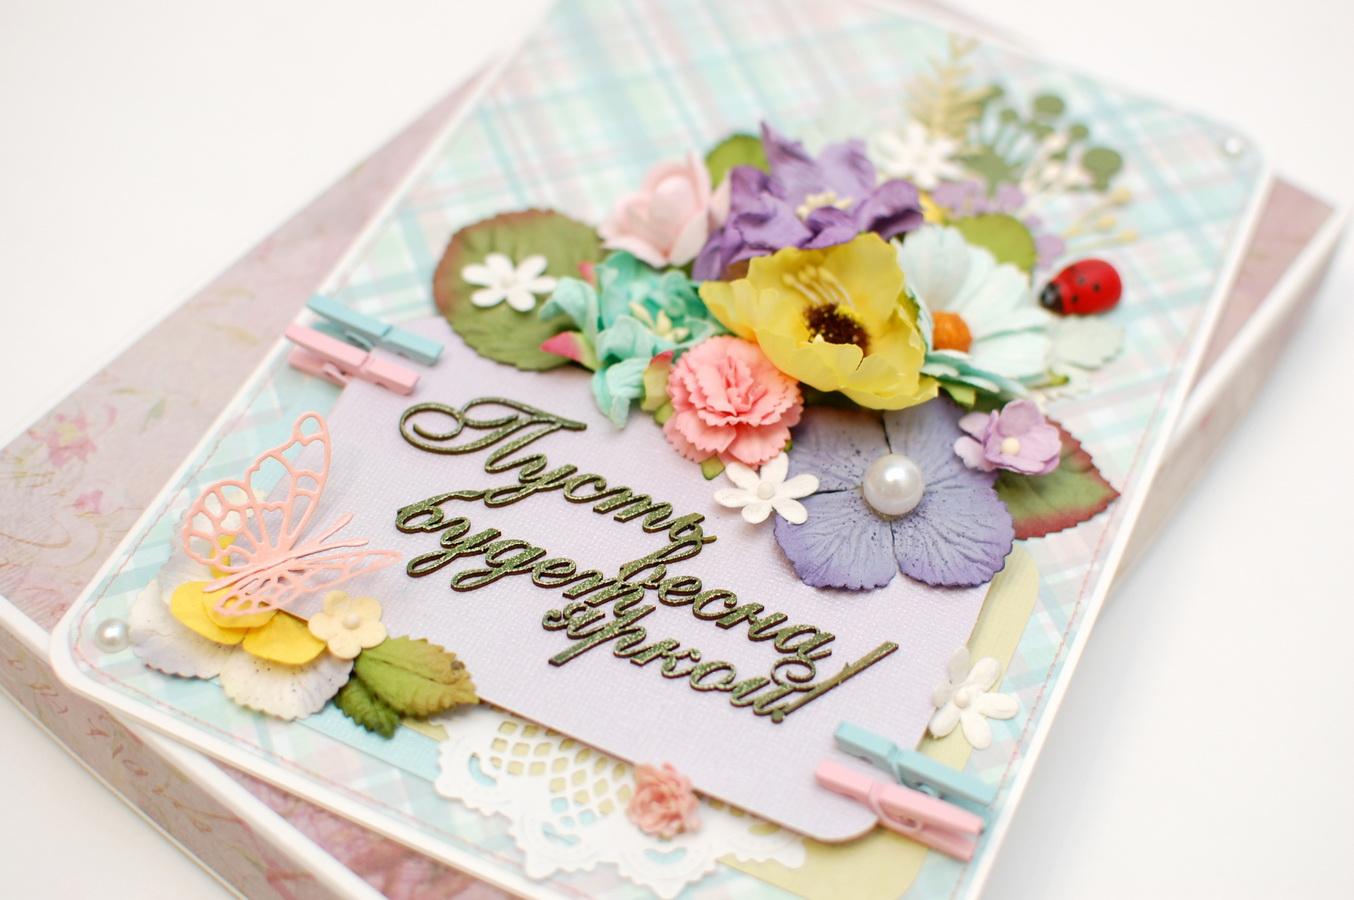 цветочная открытка пусть весна будет яркой